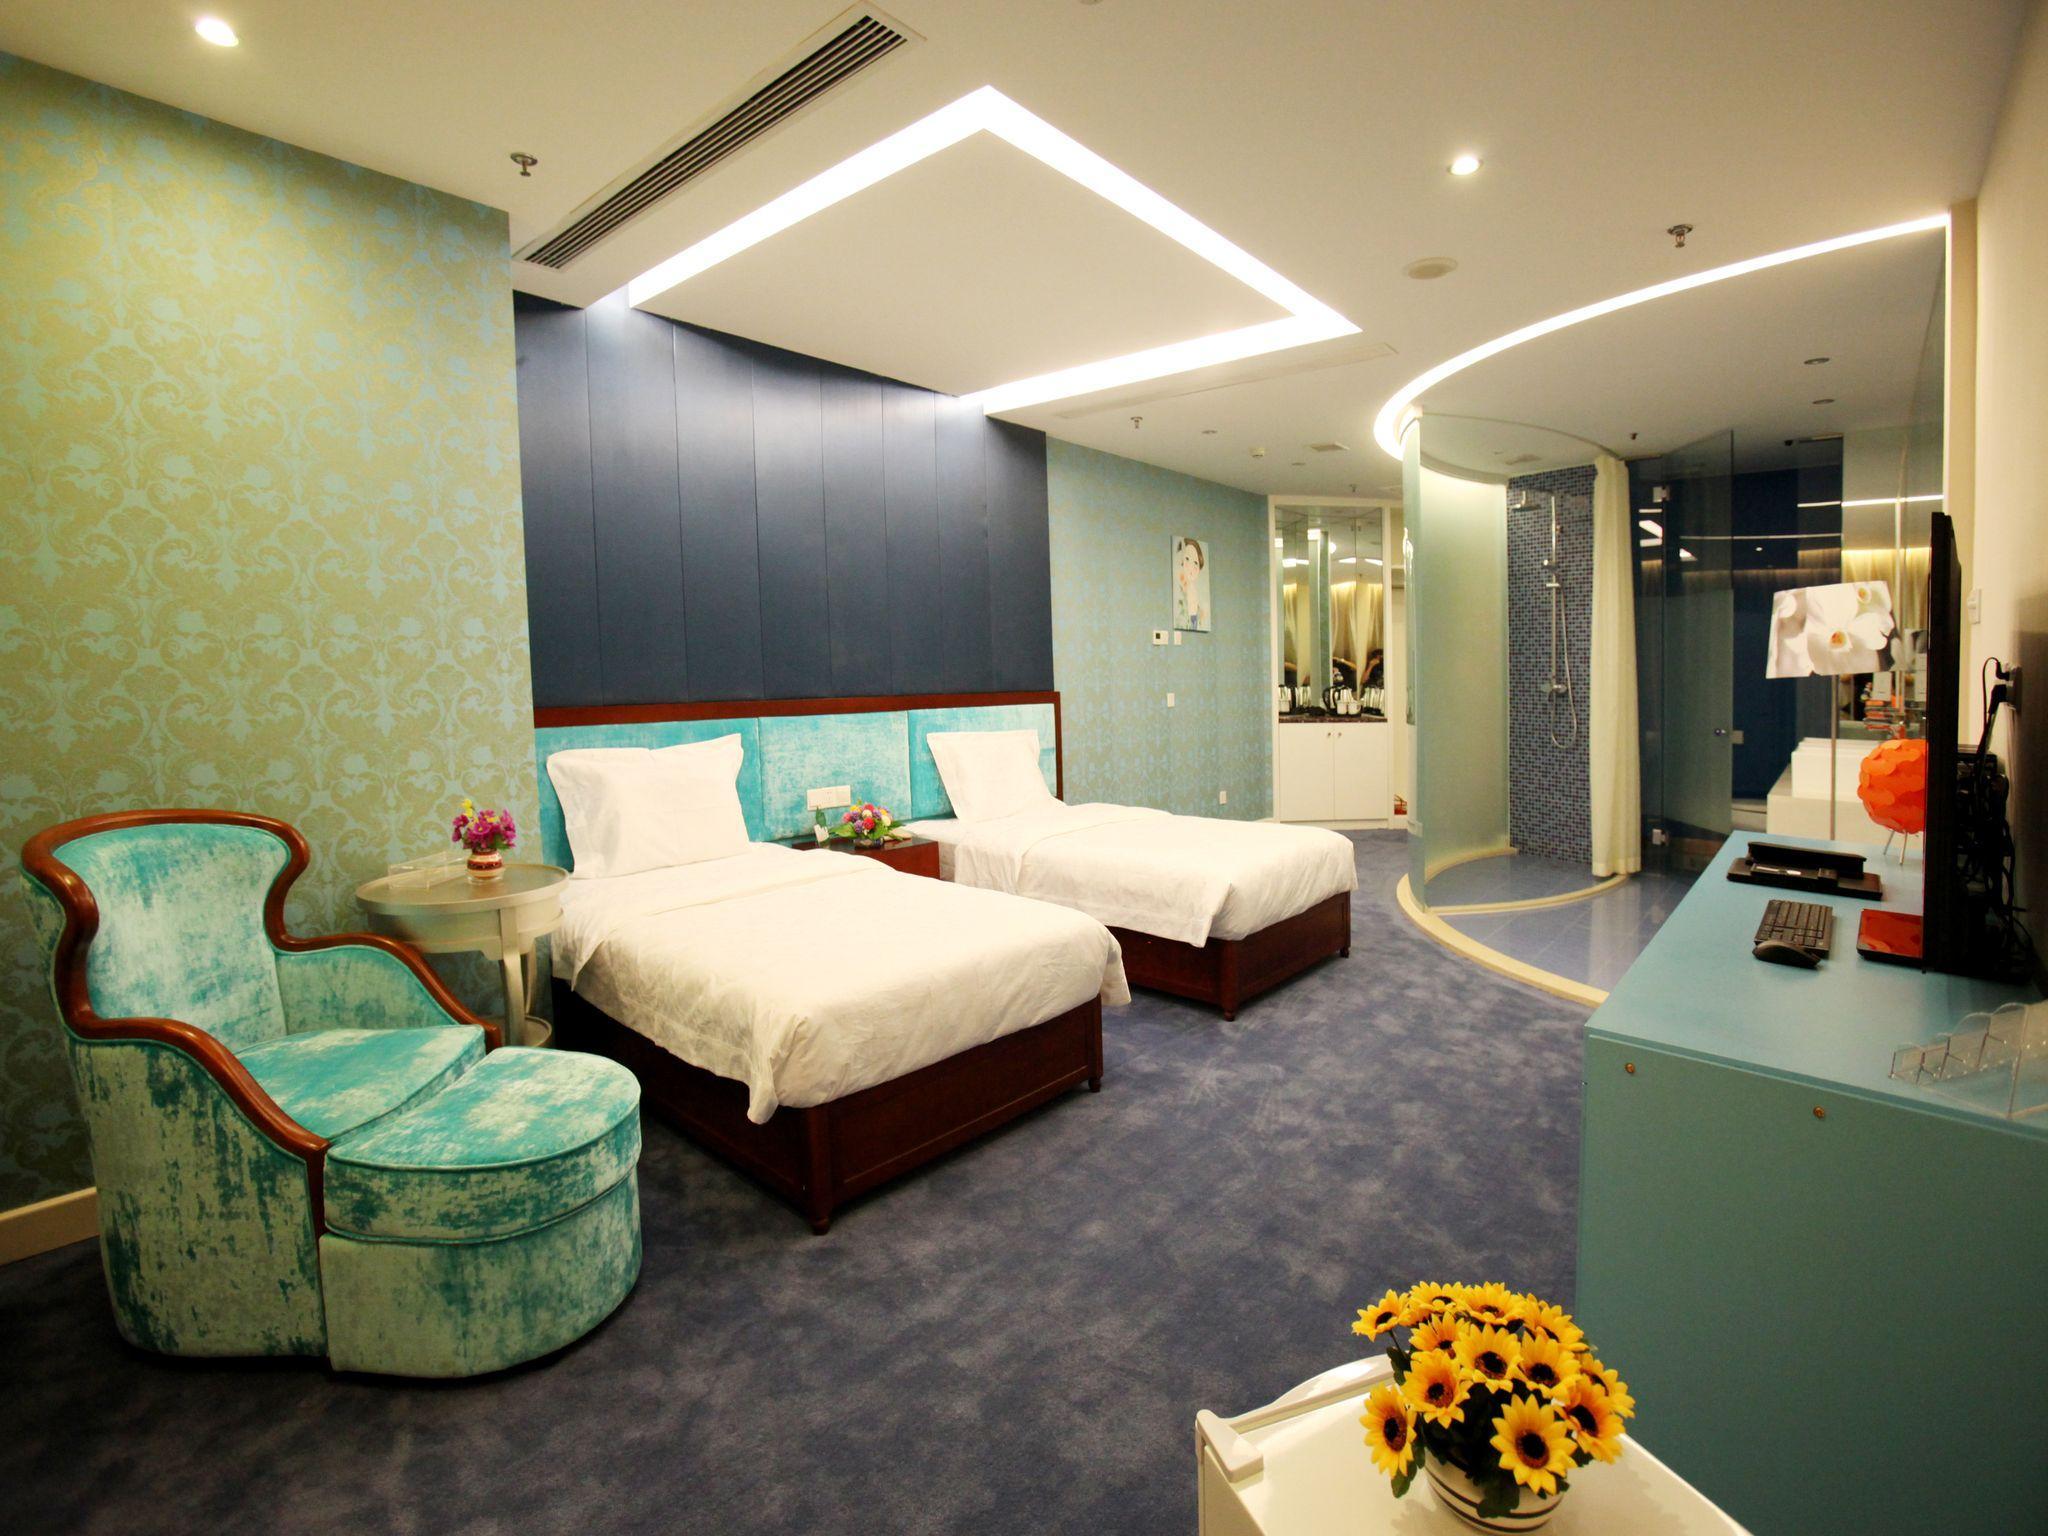 Hong Wei Yi Jia Beijing Asian Sports Village Hotel Hotels